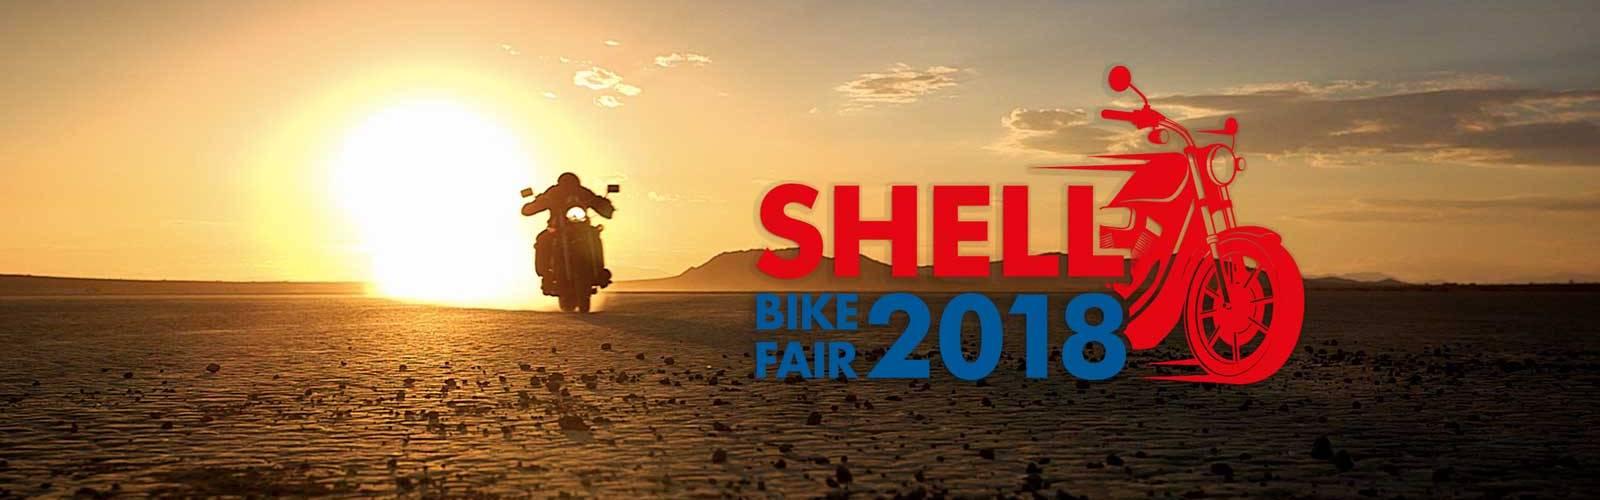 Shell Bike Fair 2018